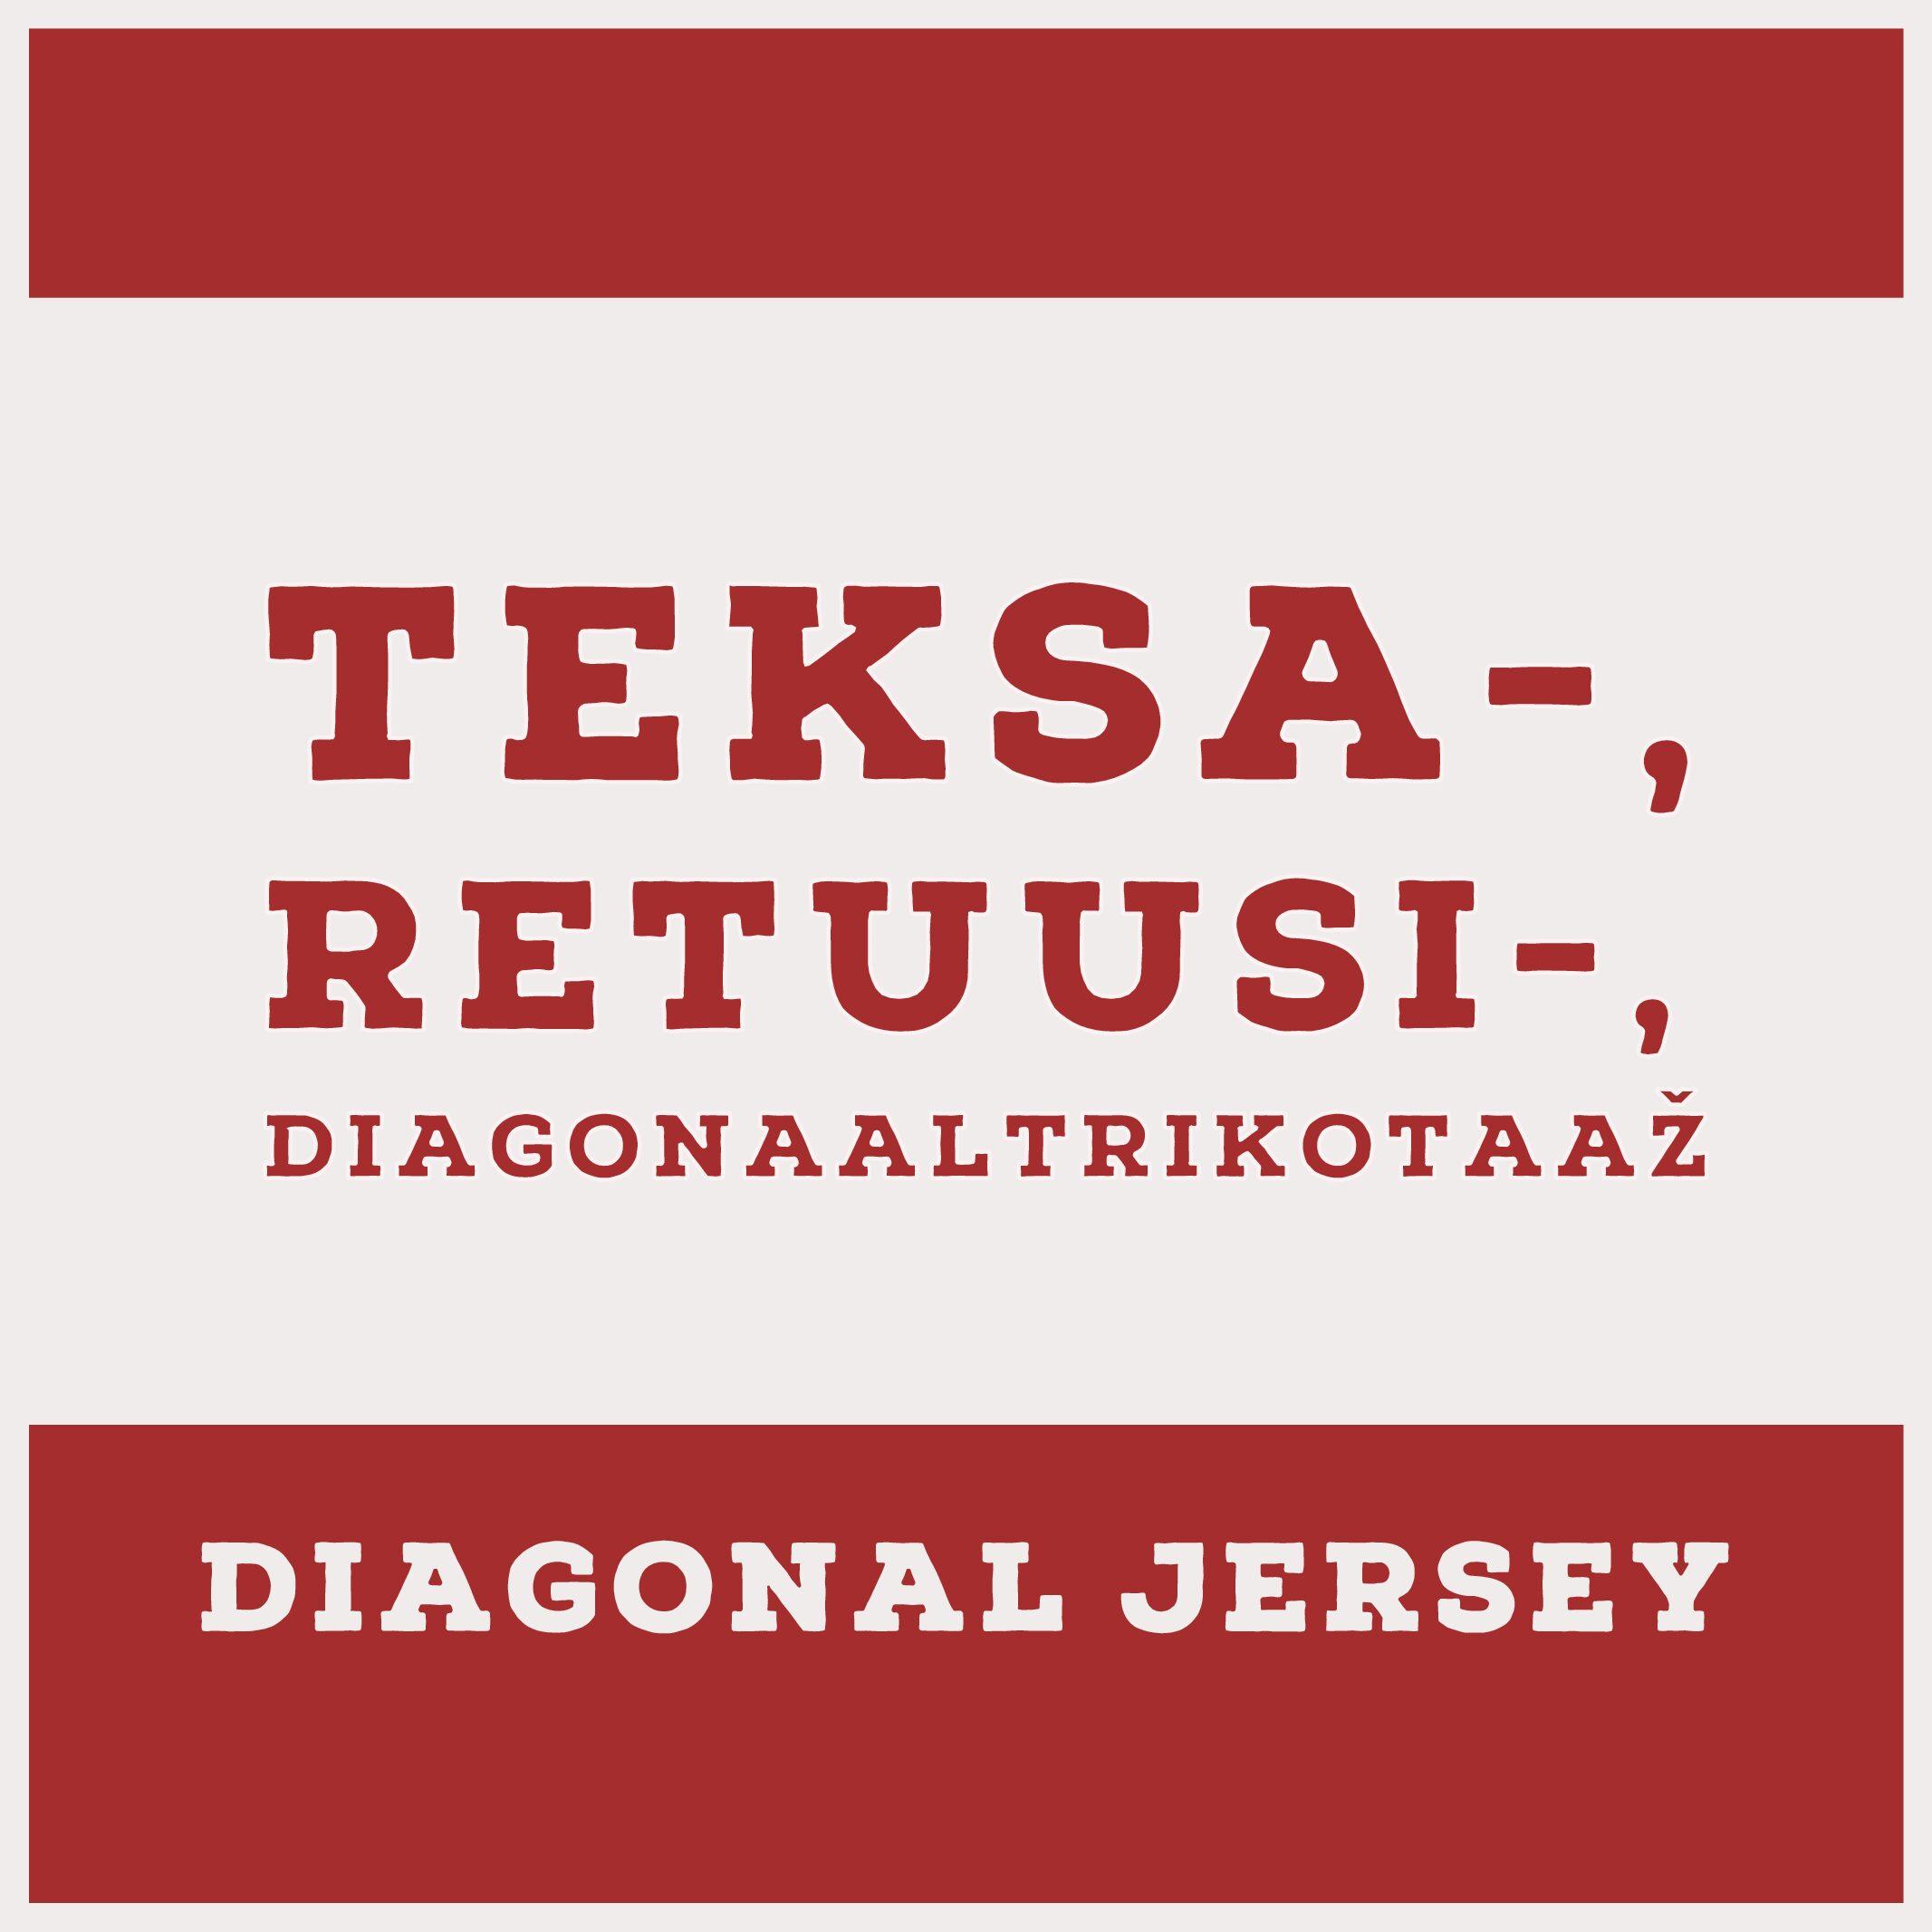 Teksatrikotaaž /diagonaaltrikotaaž-retuusikangas (Jeans Jersey)